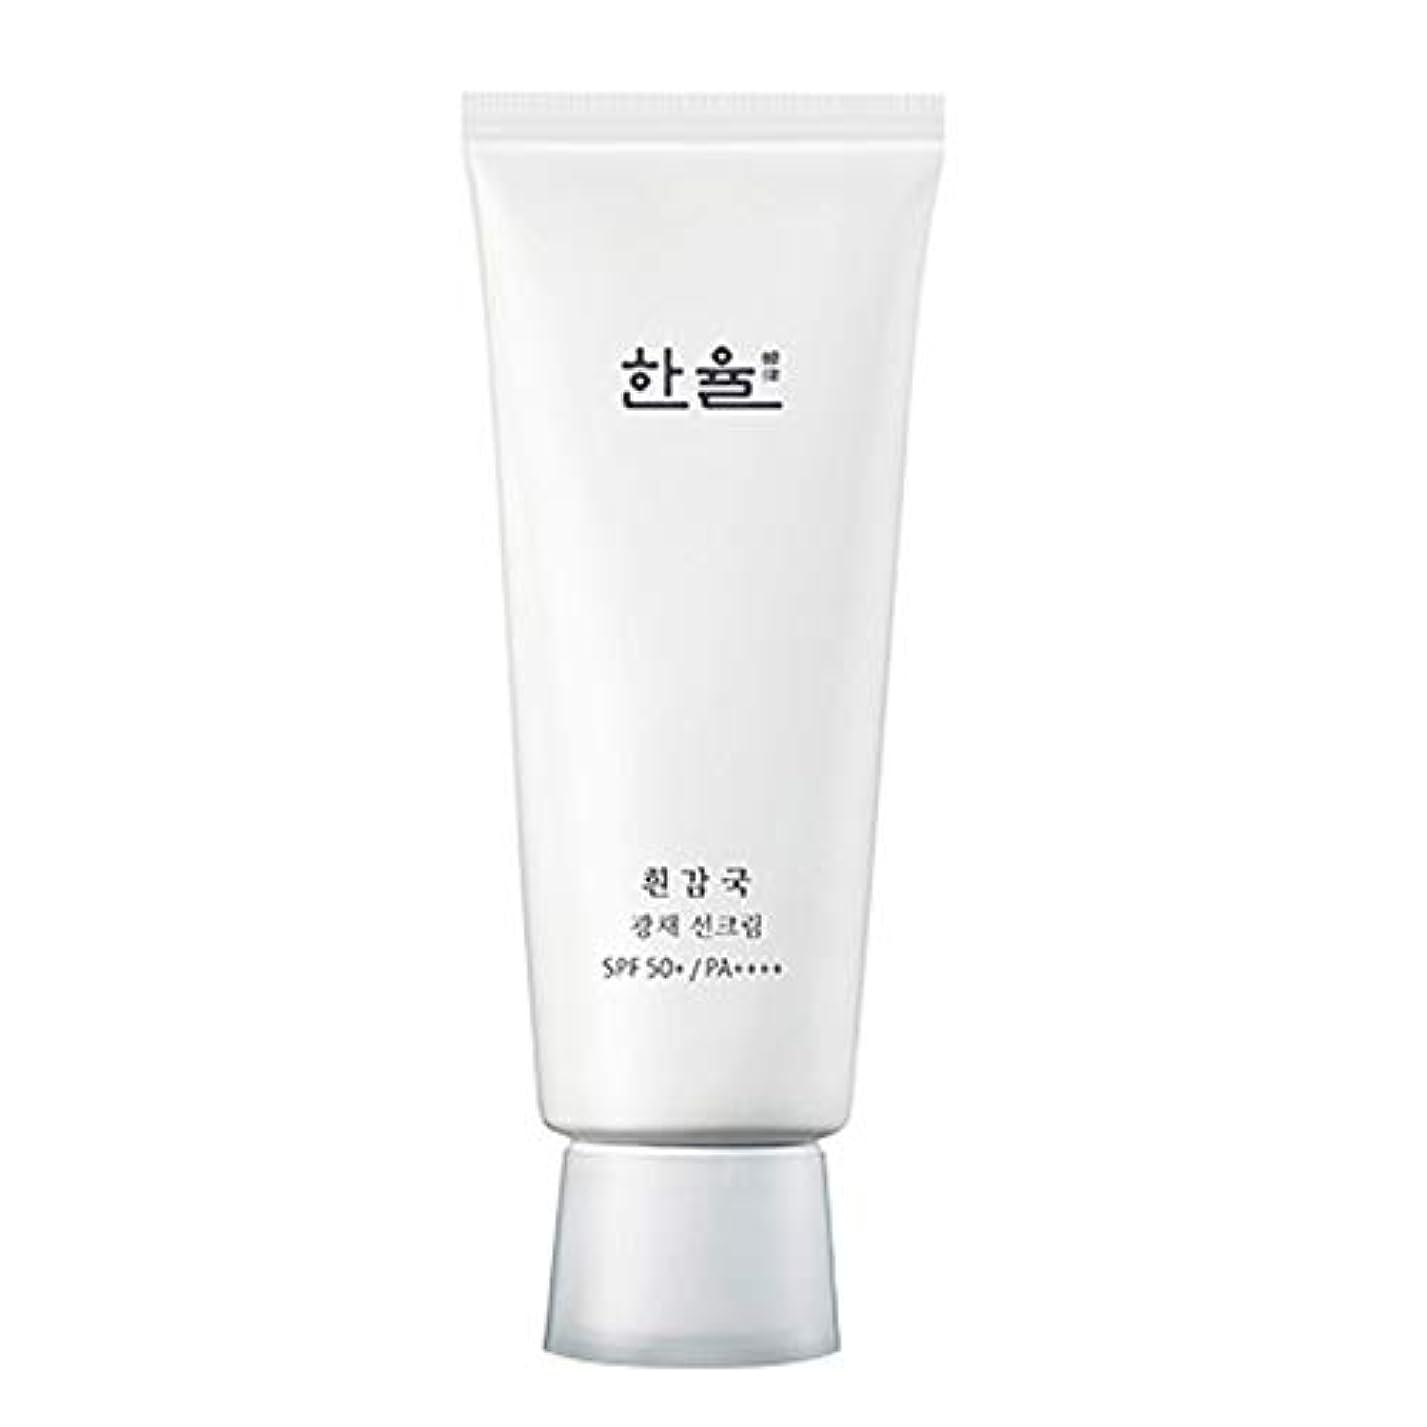 仕立て屋ほとんどない日帰り旅行に[HANYUL] ハンユル 白いガムグク輝きサンクリーム 70ml SPF50+ PA++++ White Chrysanthemum Radiance Sunscreen cream